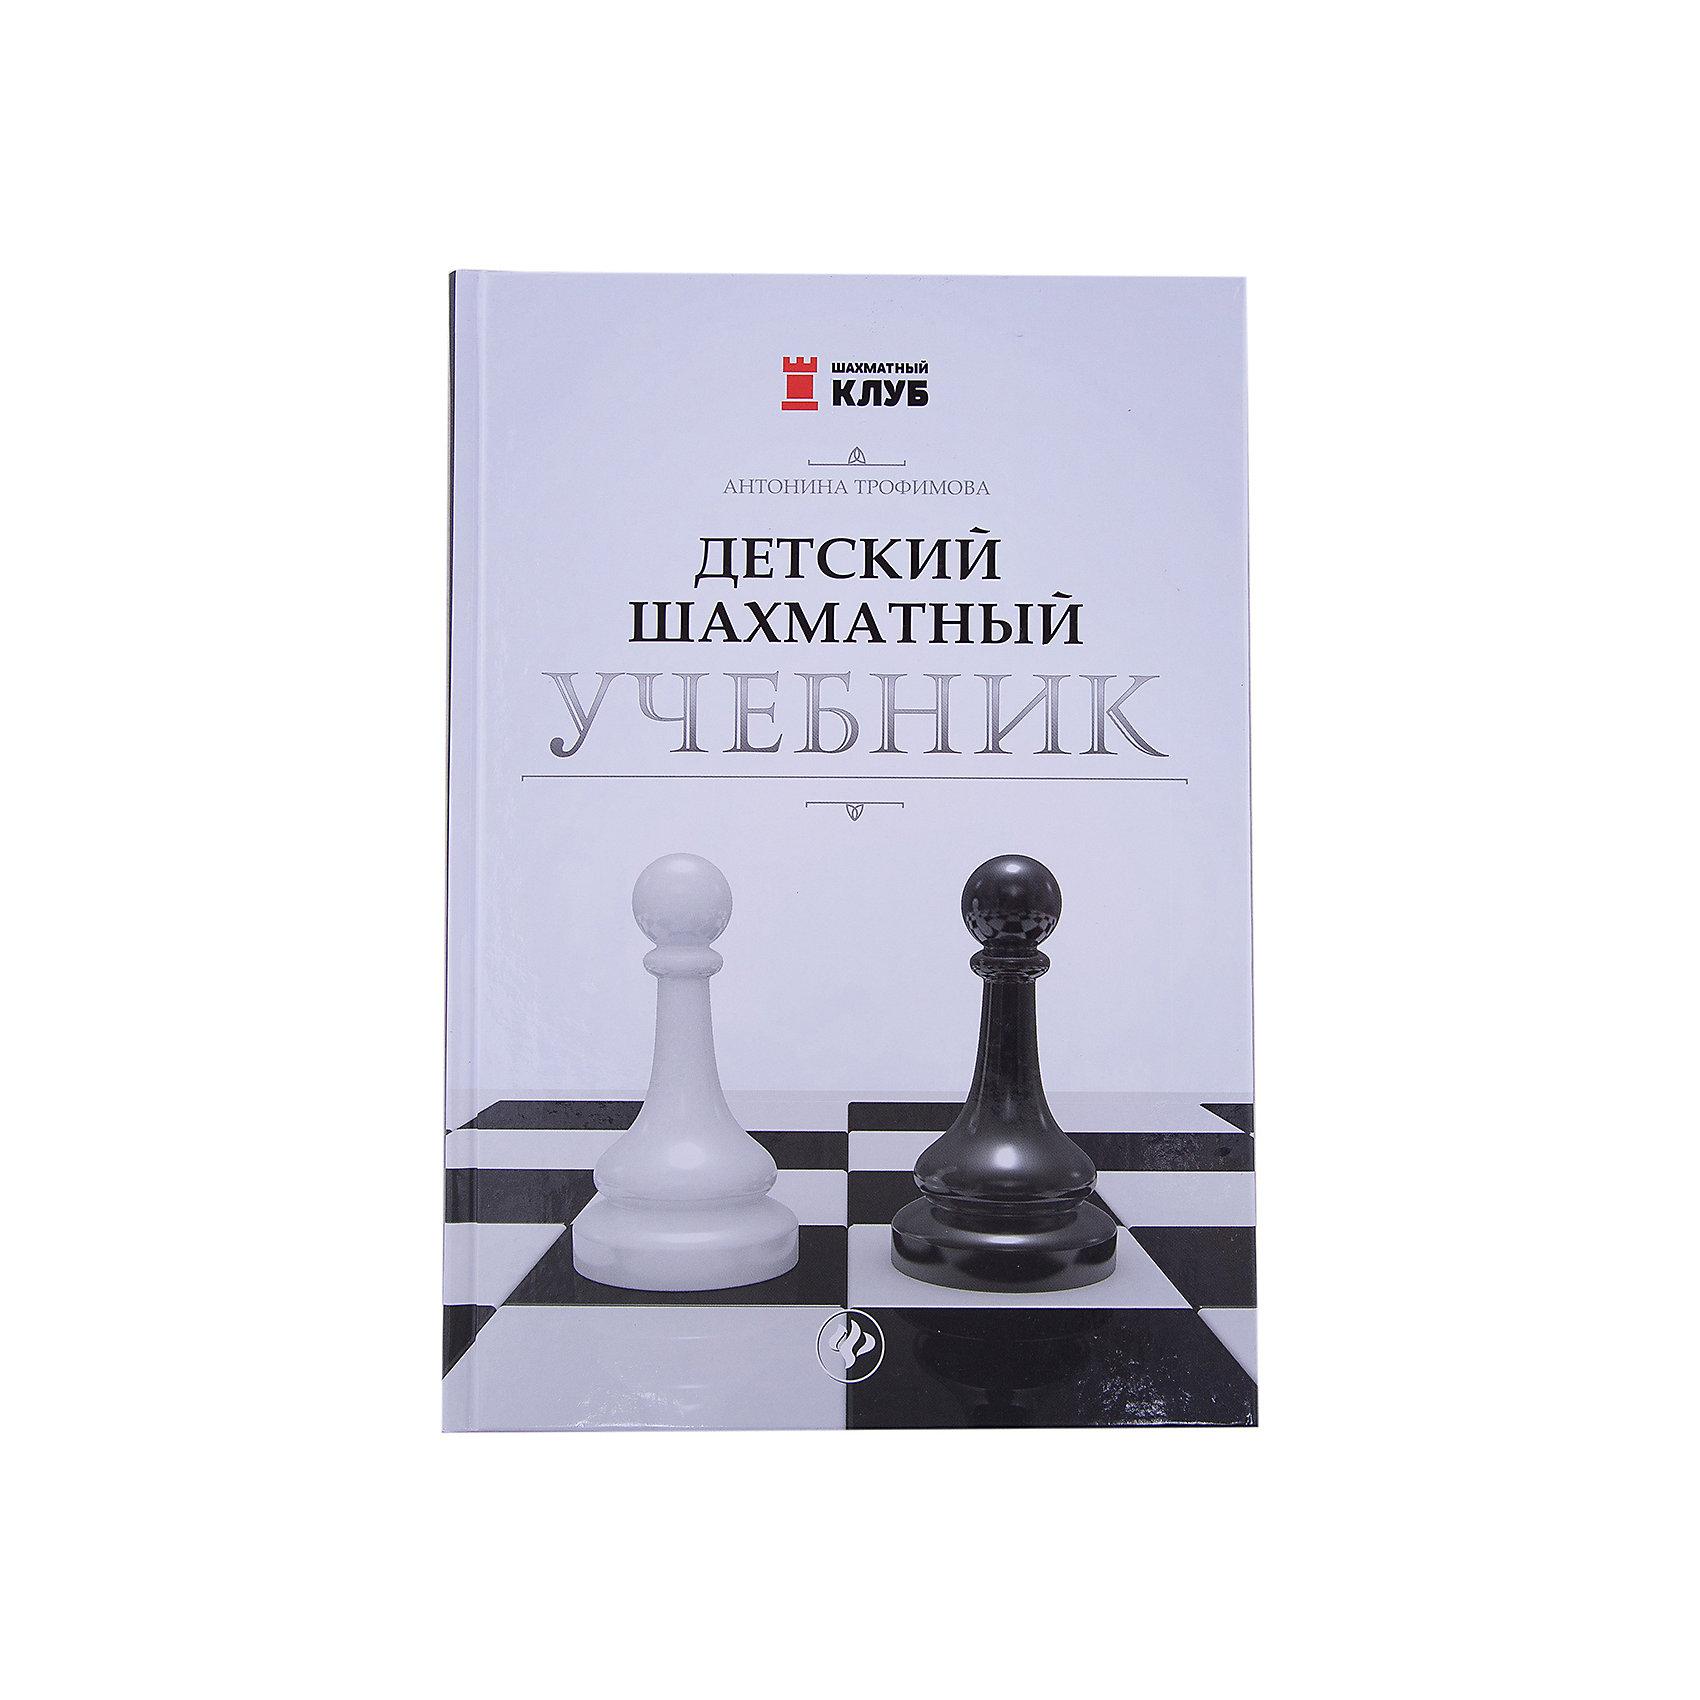 Детский шахматный учебникПо учебнику можно легко и быстро научиться играть в шахматы. В нем изложены все правила: ходы фигур, цель игры, запись партии. Рассматриваются различные тактические приемы, объясняется, как поставить мат королю и действовать в дебюте и эндшпиле. После каждой темы для закрепления материала даны задания.<br>В книгу включены веселые стихи, а также высказывания и суждения детей о шахматах, что, несомненно, поможет сделать обучение более живым и увлекательным.<br>Представленная в учебнике шахматная программа с календарно-тематиче-ским планом и поурочным распределением учебного материала может стать хорошим подспорьем для педагогов. Объясняется, как организовать занятия с детьми и построить работу с их родителями, как проводить соревнования. Приведен пример развернутого конспекта шахматного урока, затронуты вопросы психологии детских шахмат и многое другое.<br>Книга дает родителям возможность самостоятельно обучить своего ребенка азам мудрой игры. А педагогам — проводить шахматные занятия в детских садах и школах.<br><br>Ширина мм: 150<br>Глубина мм: 170<br>Высота мм: 248<br>Вес г: 489<br>Возраст от месяцев: -2147483648<br>Возраст до месяцев: 2147483647<br>Пол: Унисекс<br>Возраст: Детский<br>SKU: 5501000